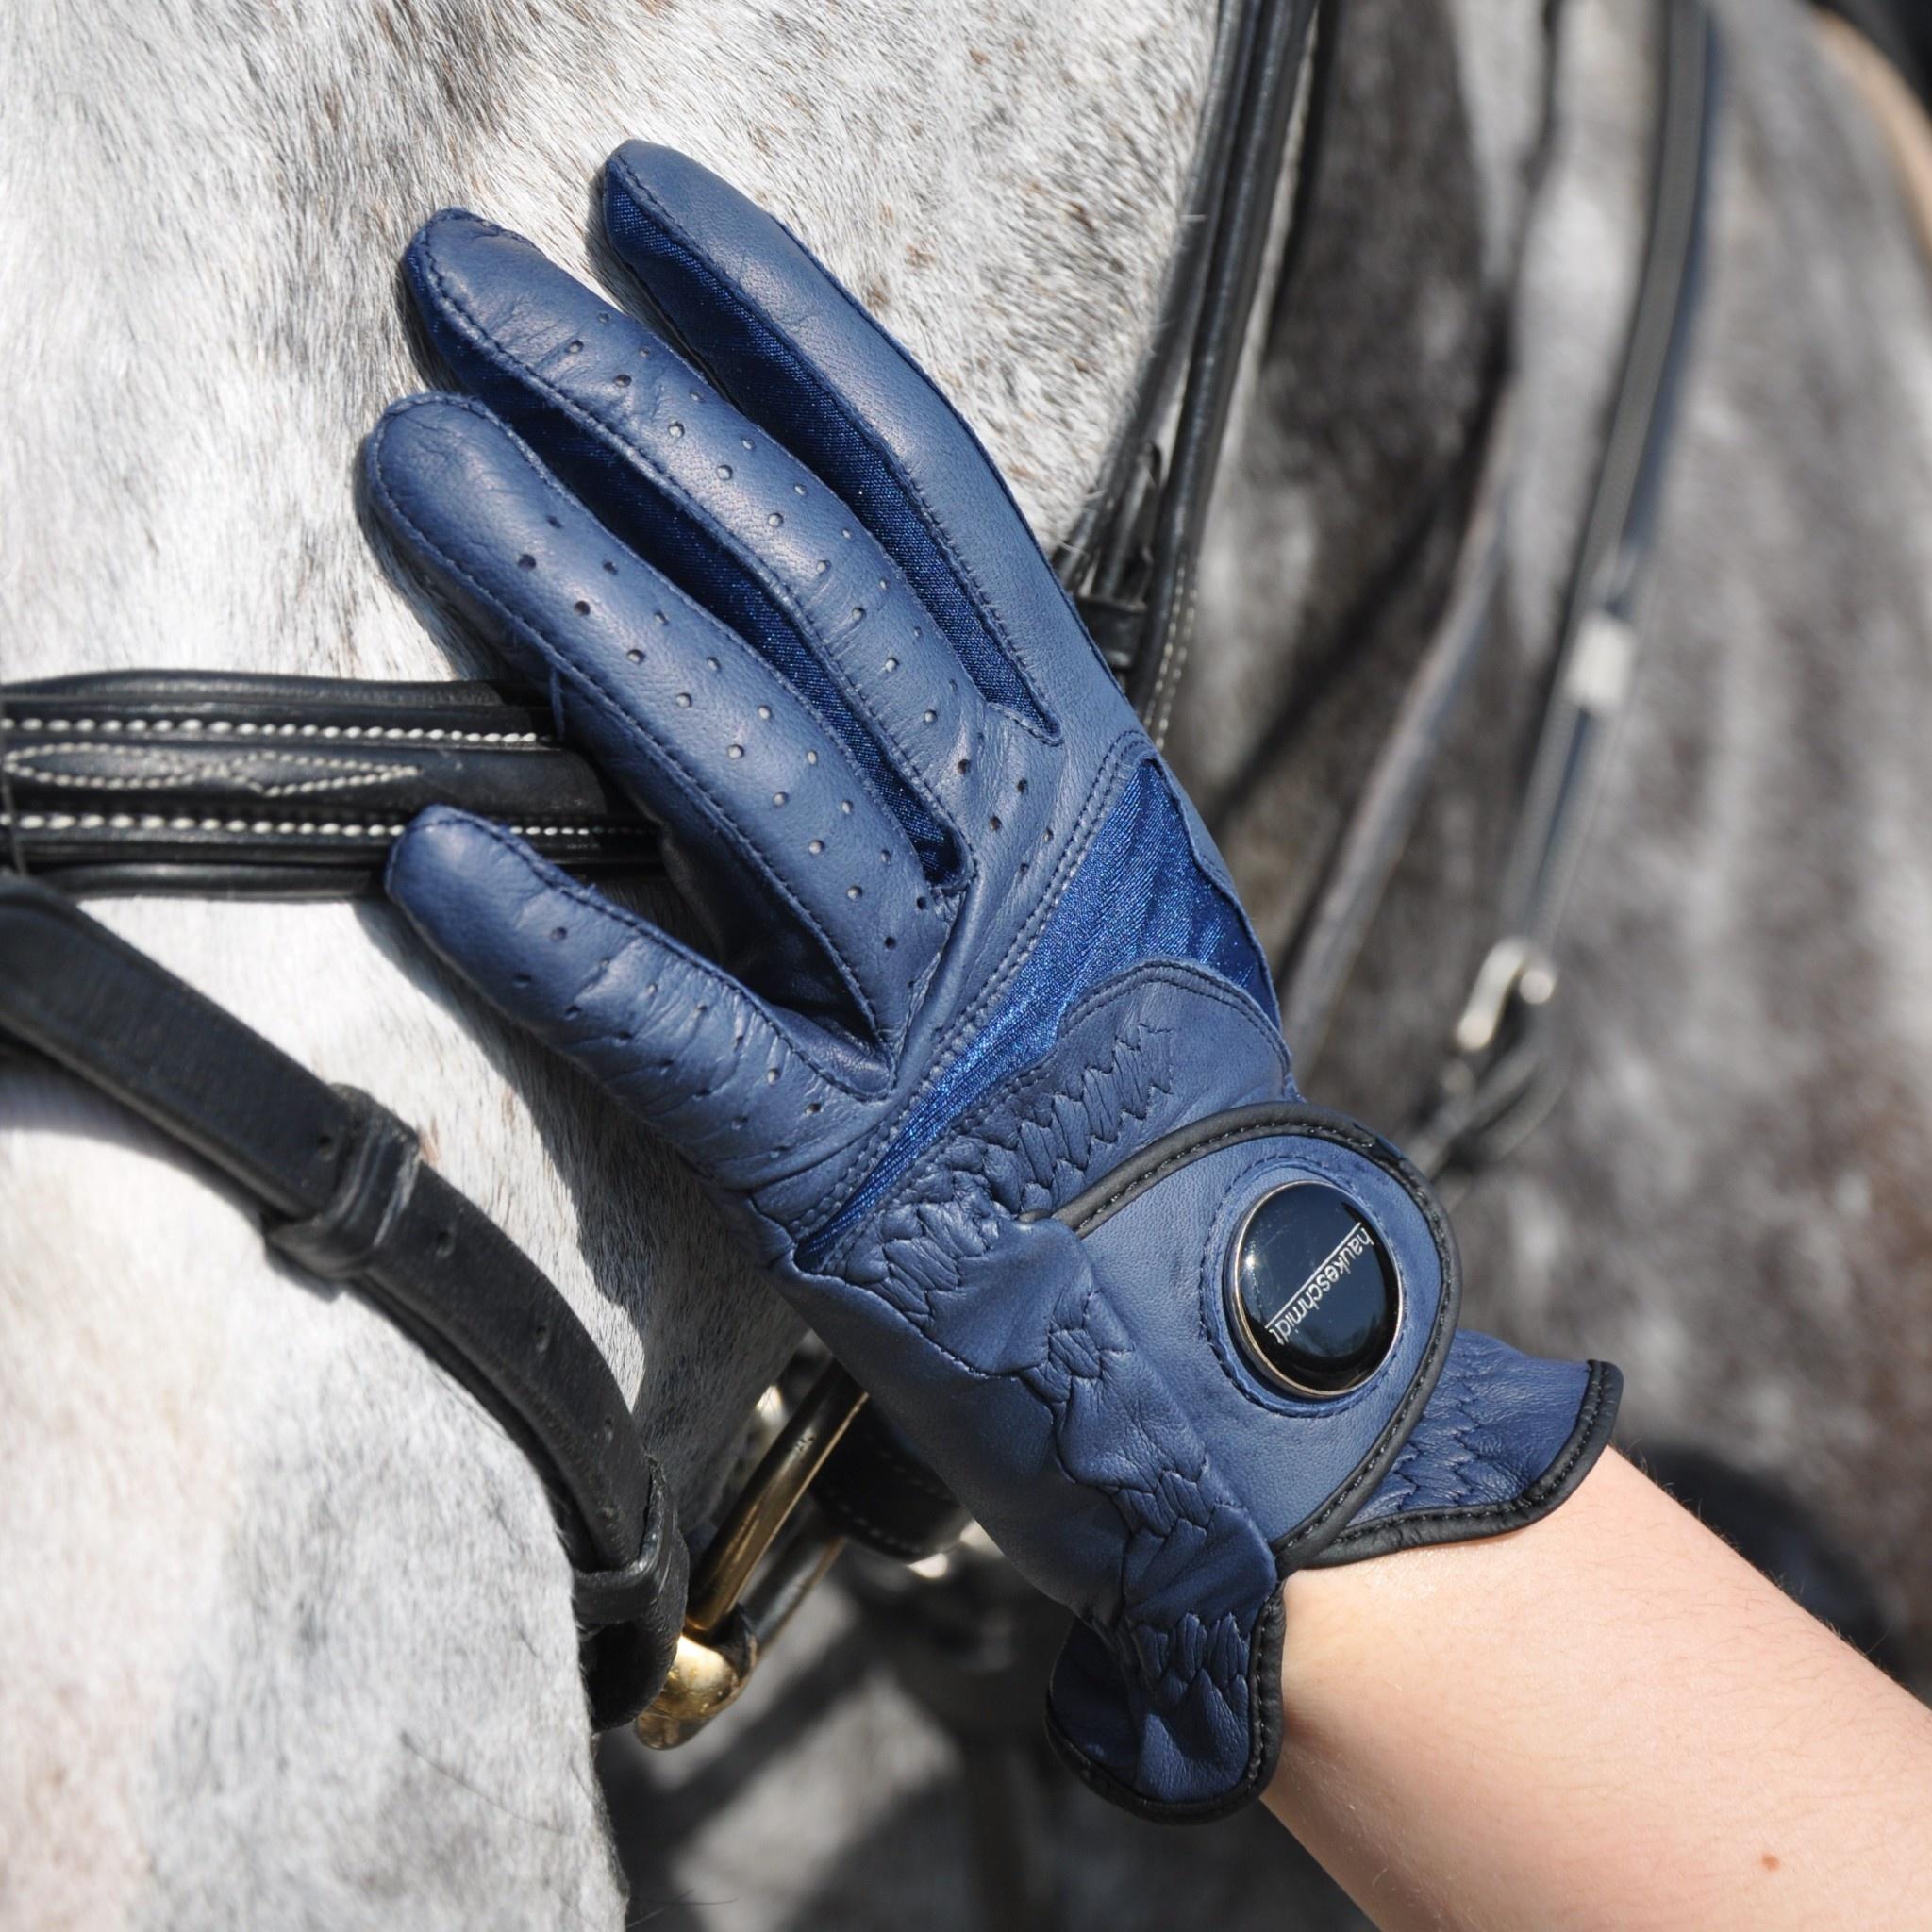 Haukeschmidt Handschoenen - Arabella - lamsleder